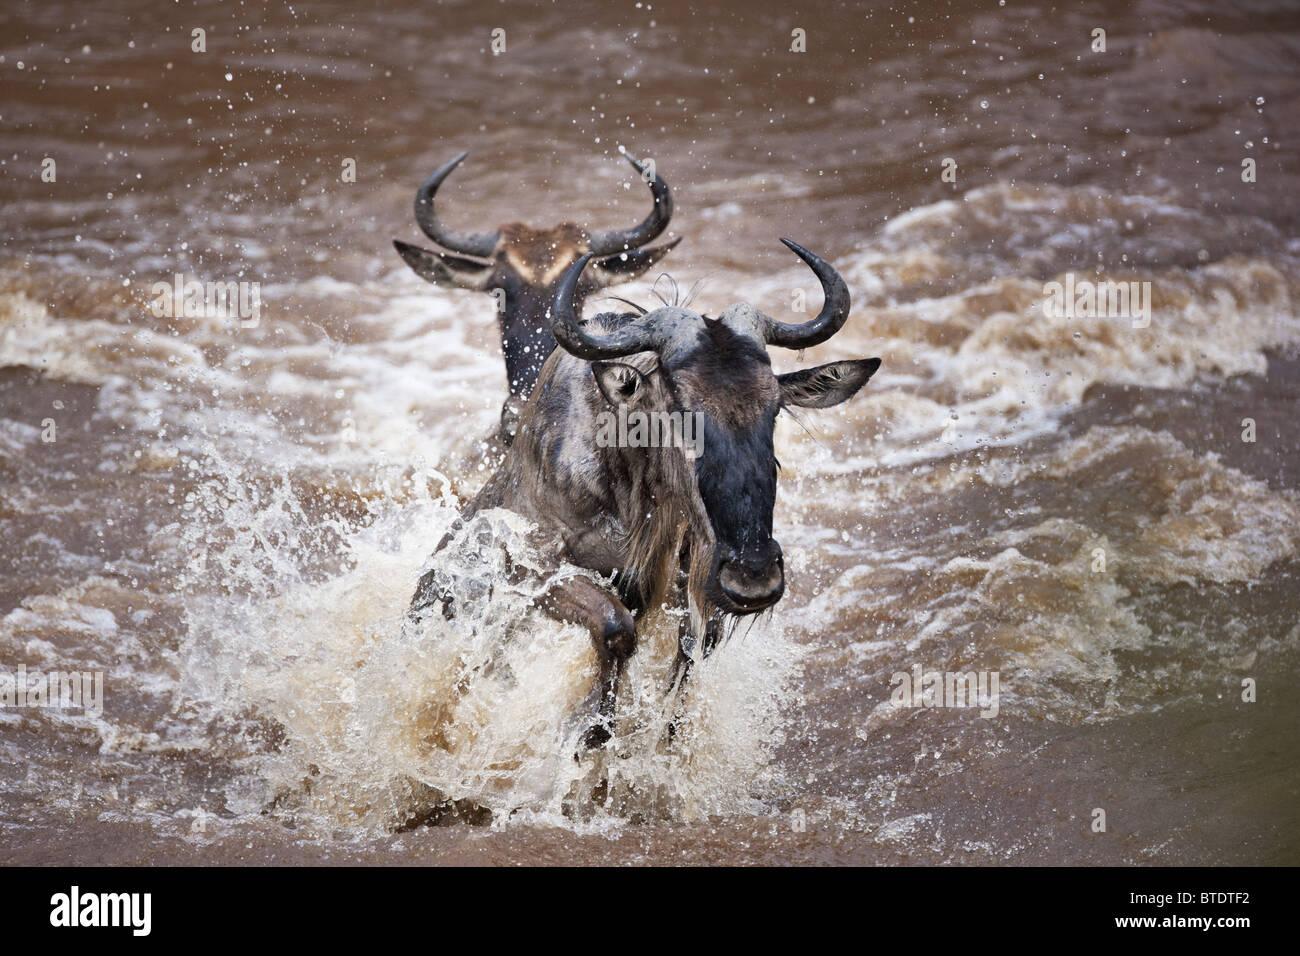 La migración de los ñus cruzando el río Mara.Reserva Nacional de Masai Mara. Kenya Imagen De Stock